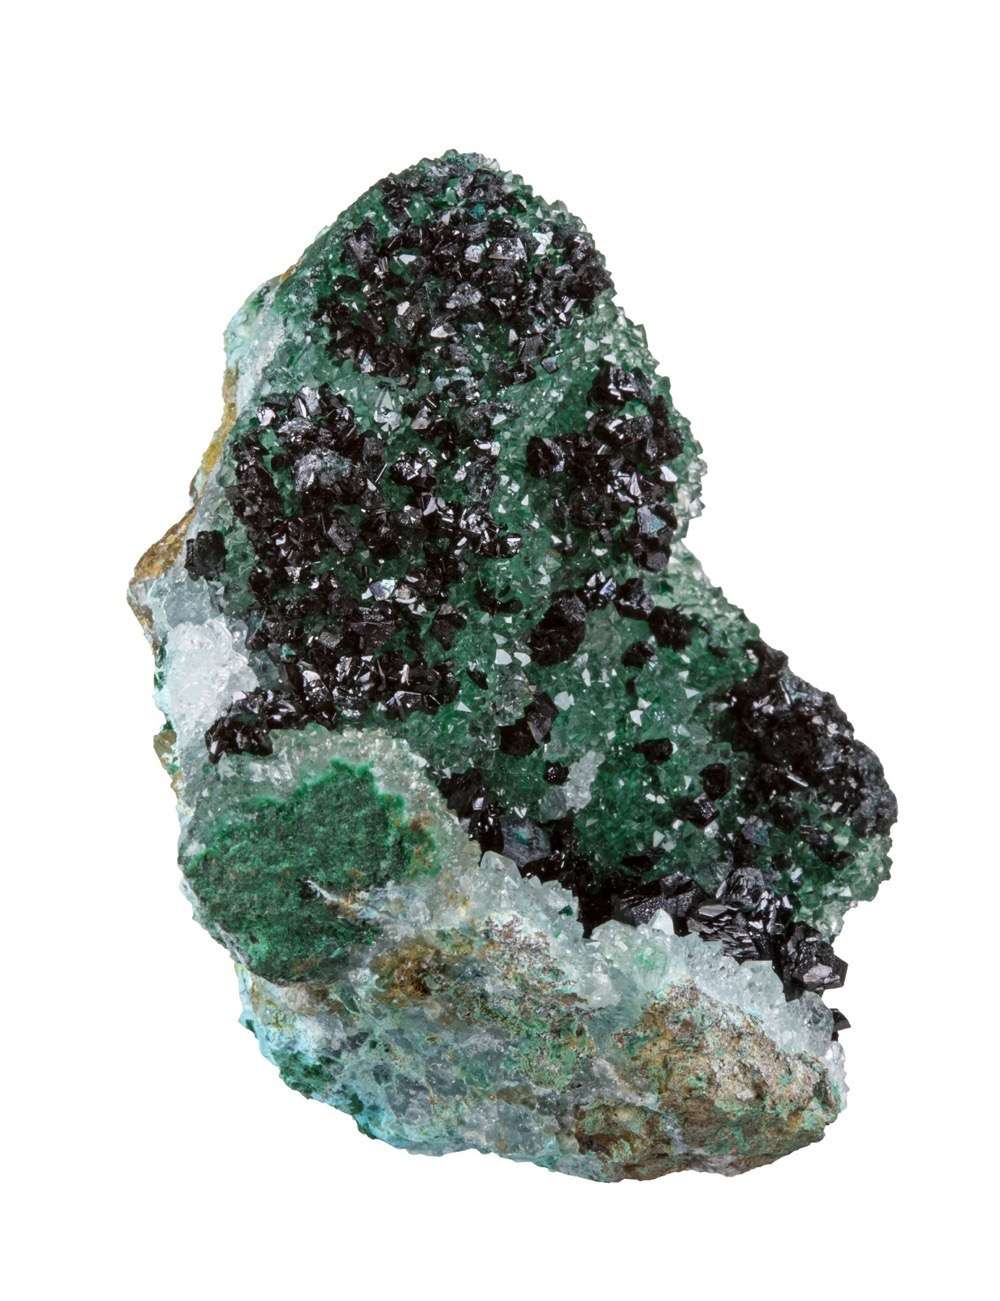 A drusy quartz vug heavily included bright green malachite atacamite